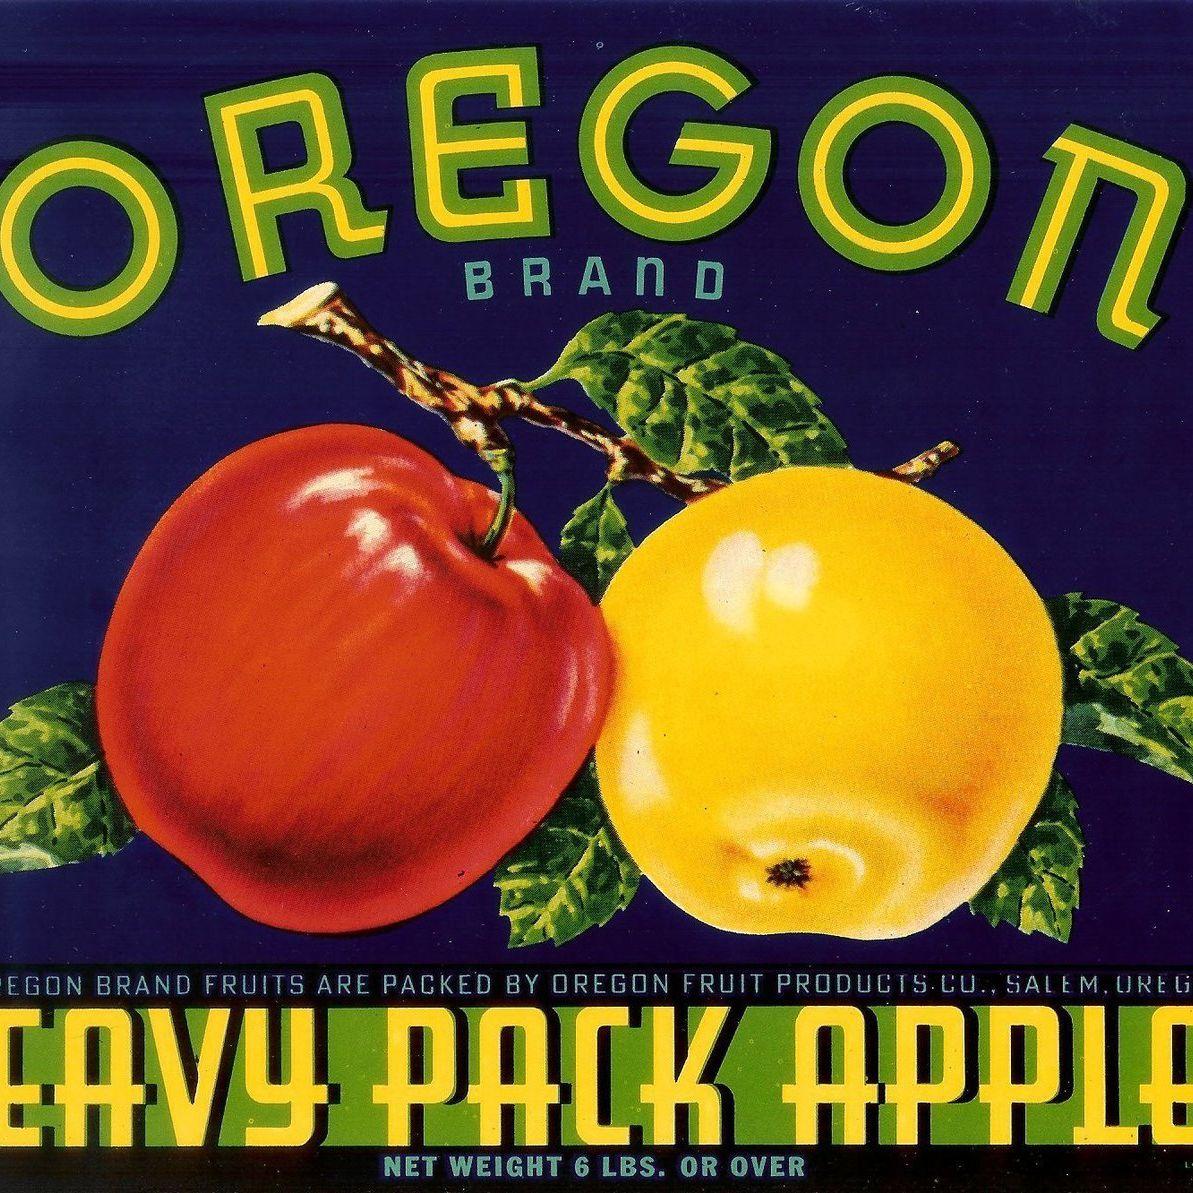 Oregon apples y5uqfn